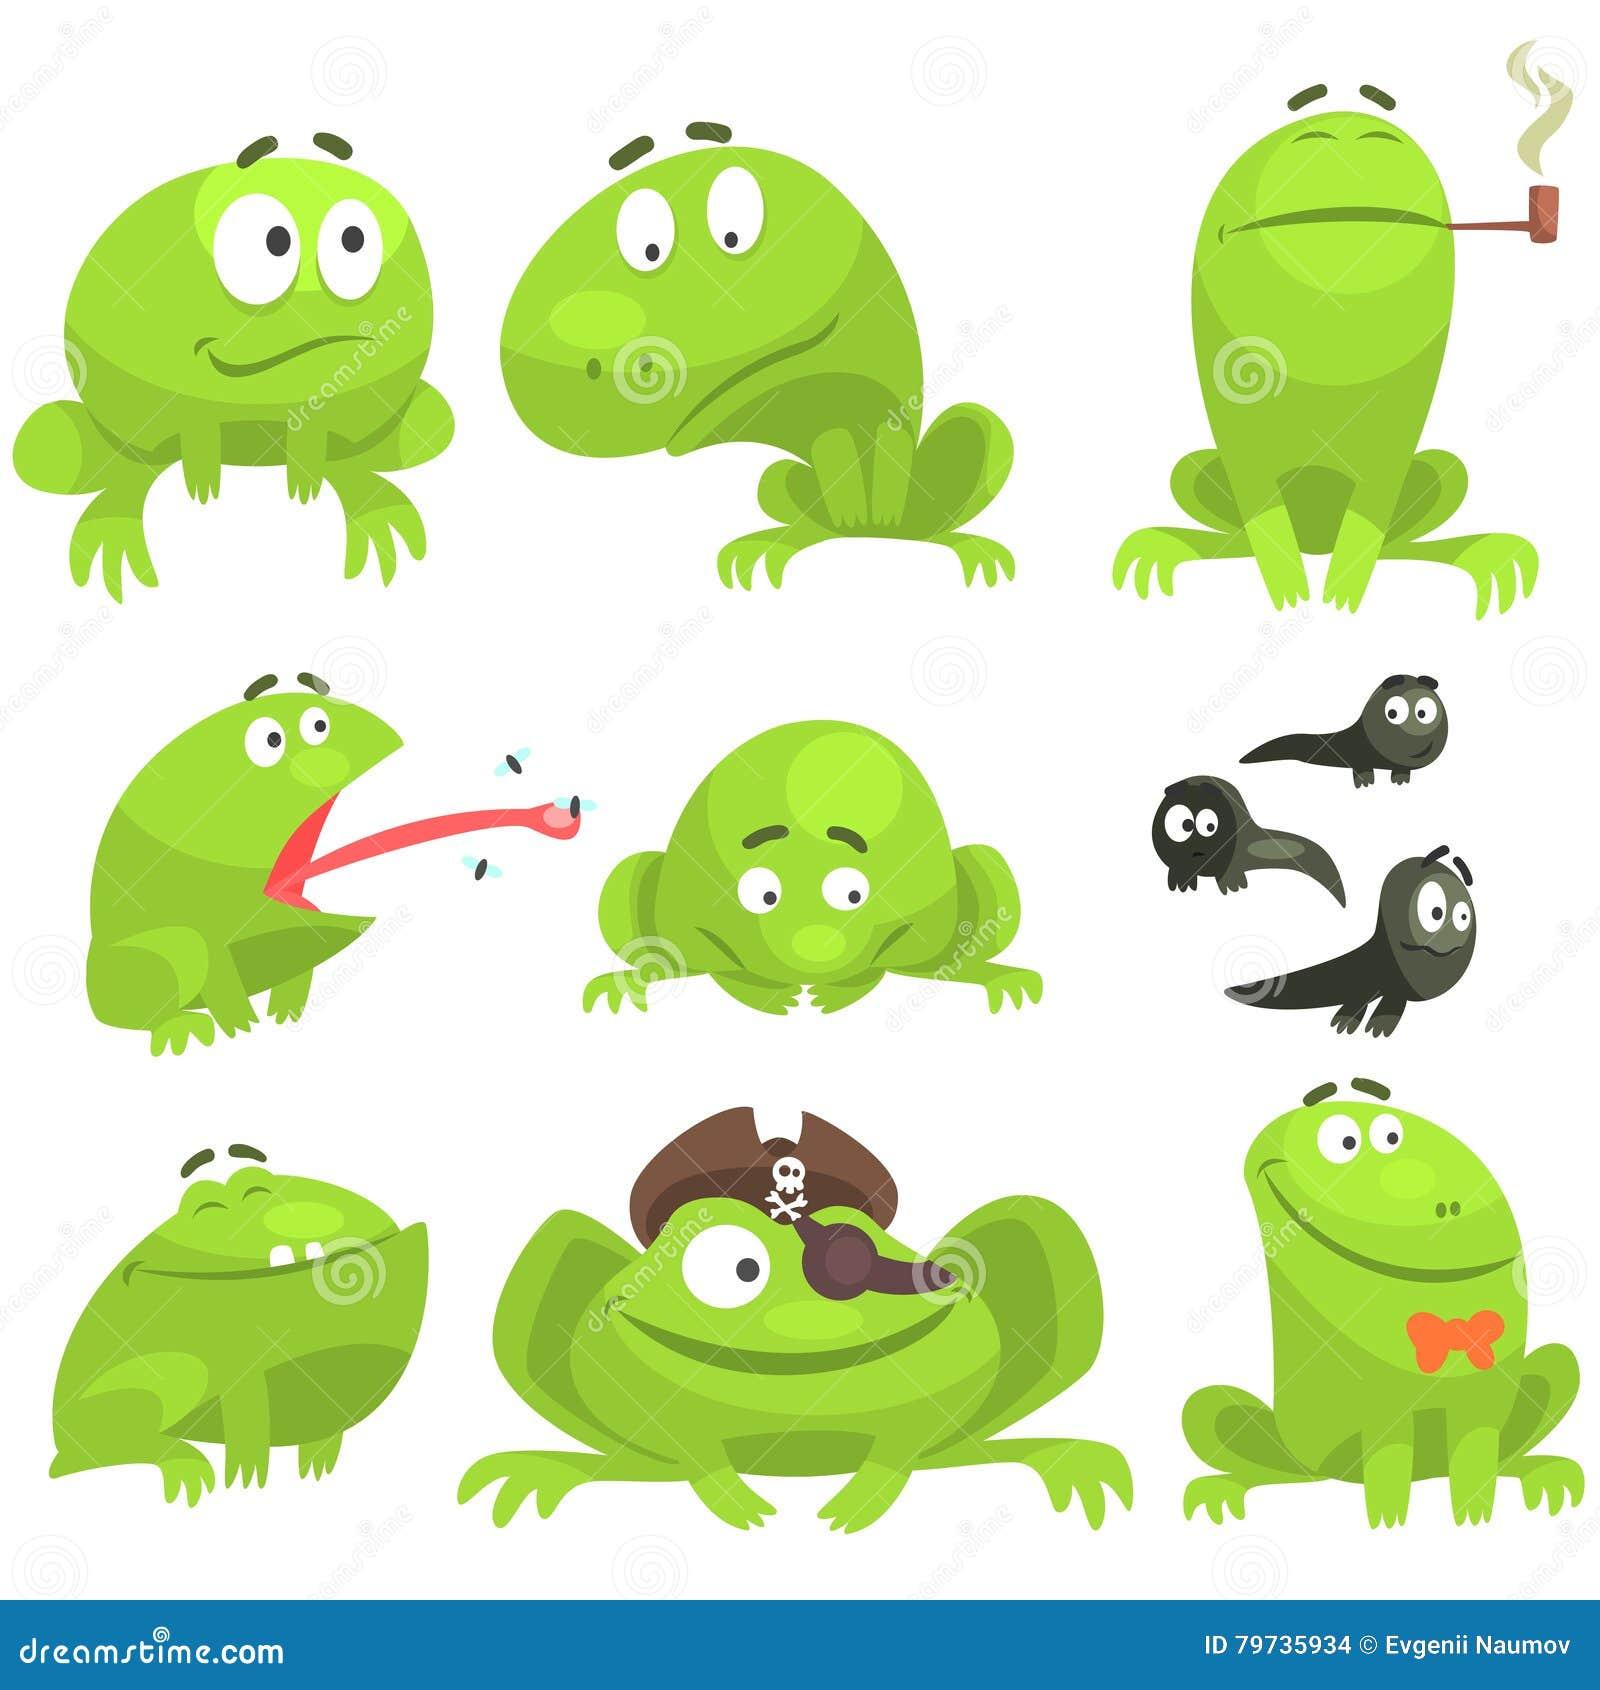 Juego de caracteres divertido de la rana verde de diversas emociones